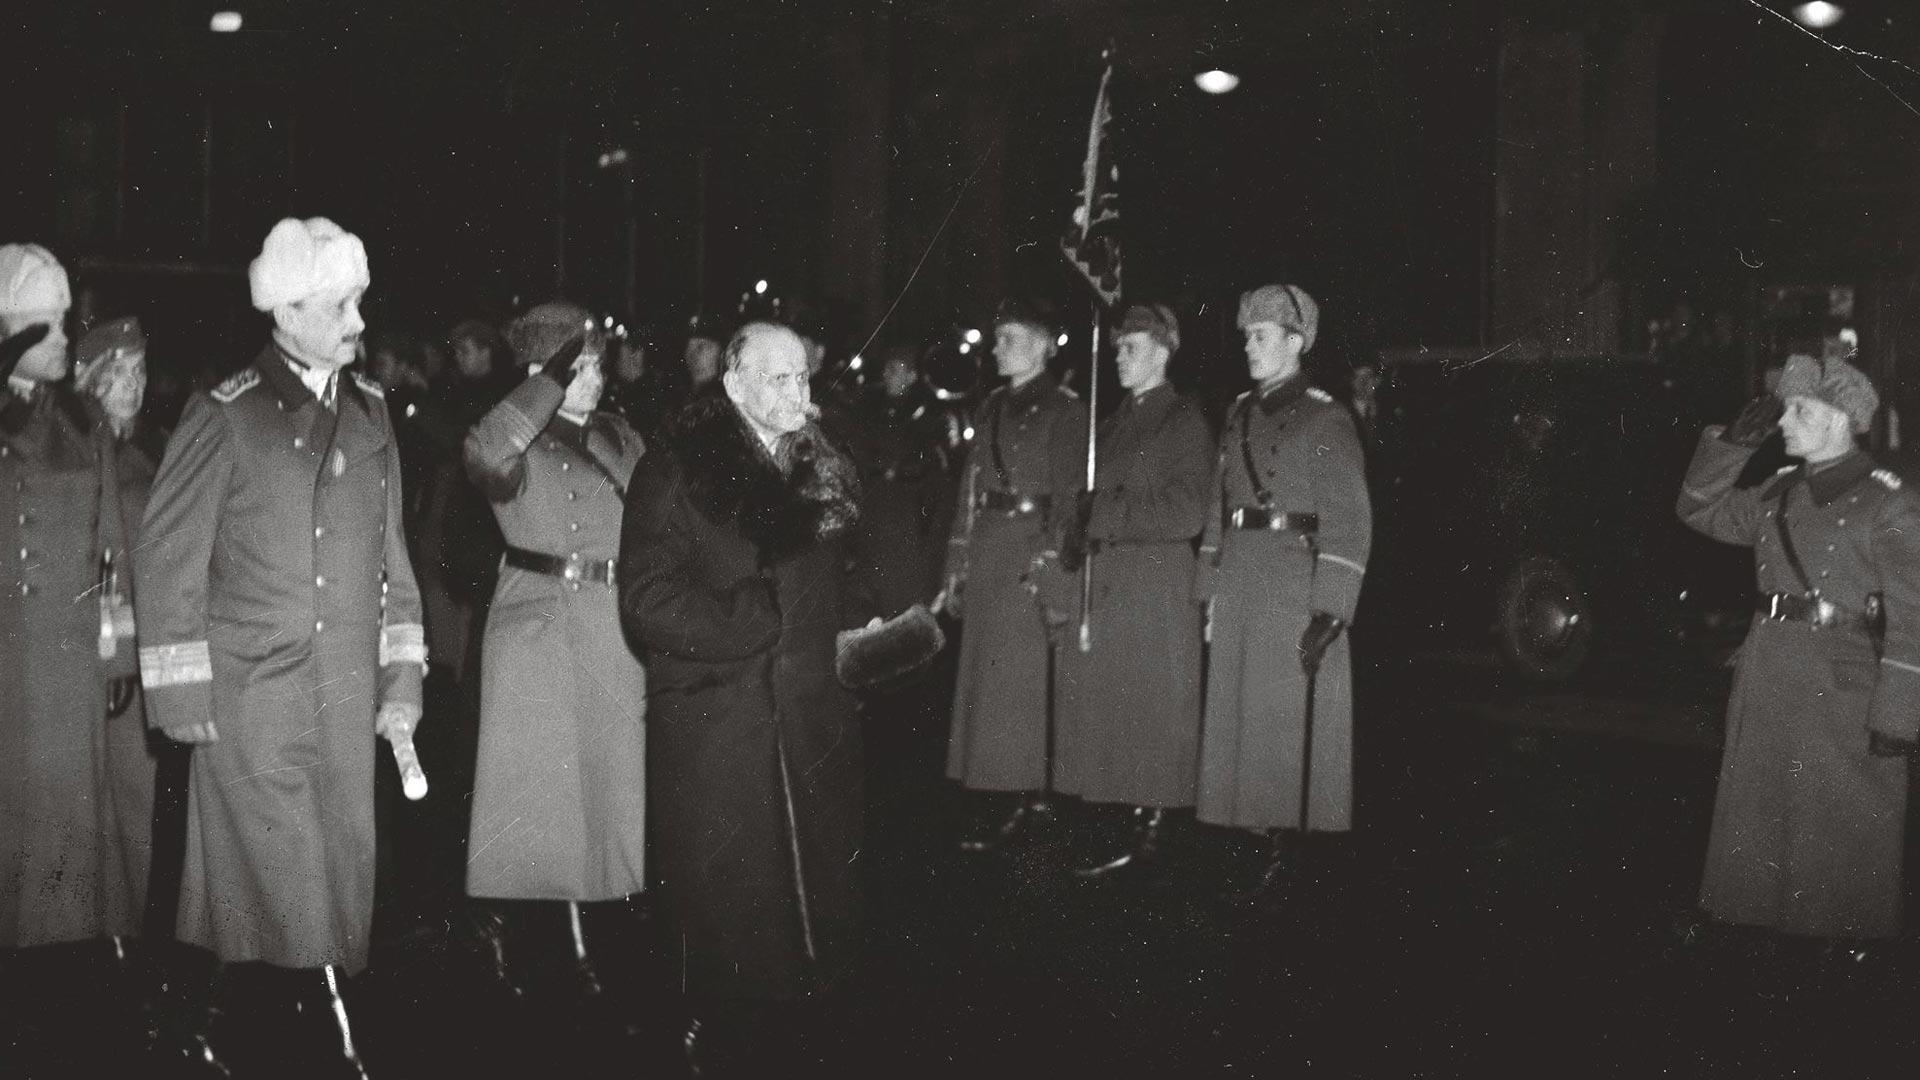 Presidentti Kyösti Kallio tarkastaa Helsingin rautatieasemalla kunniakomppanian hieman ennen kuolemaansa. Hänen oikealla puolellaan marsalkka Mannerheim, takanaan eversti Aladár Paasonen.